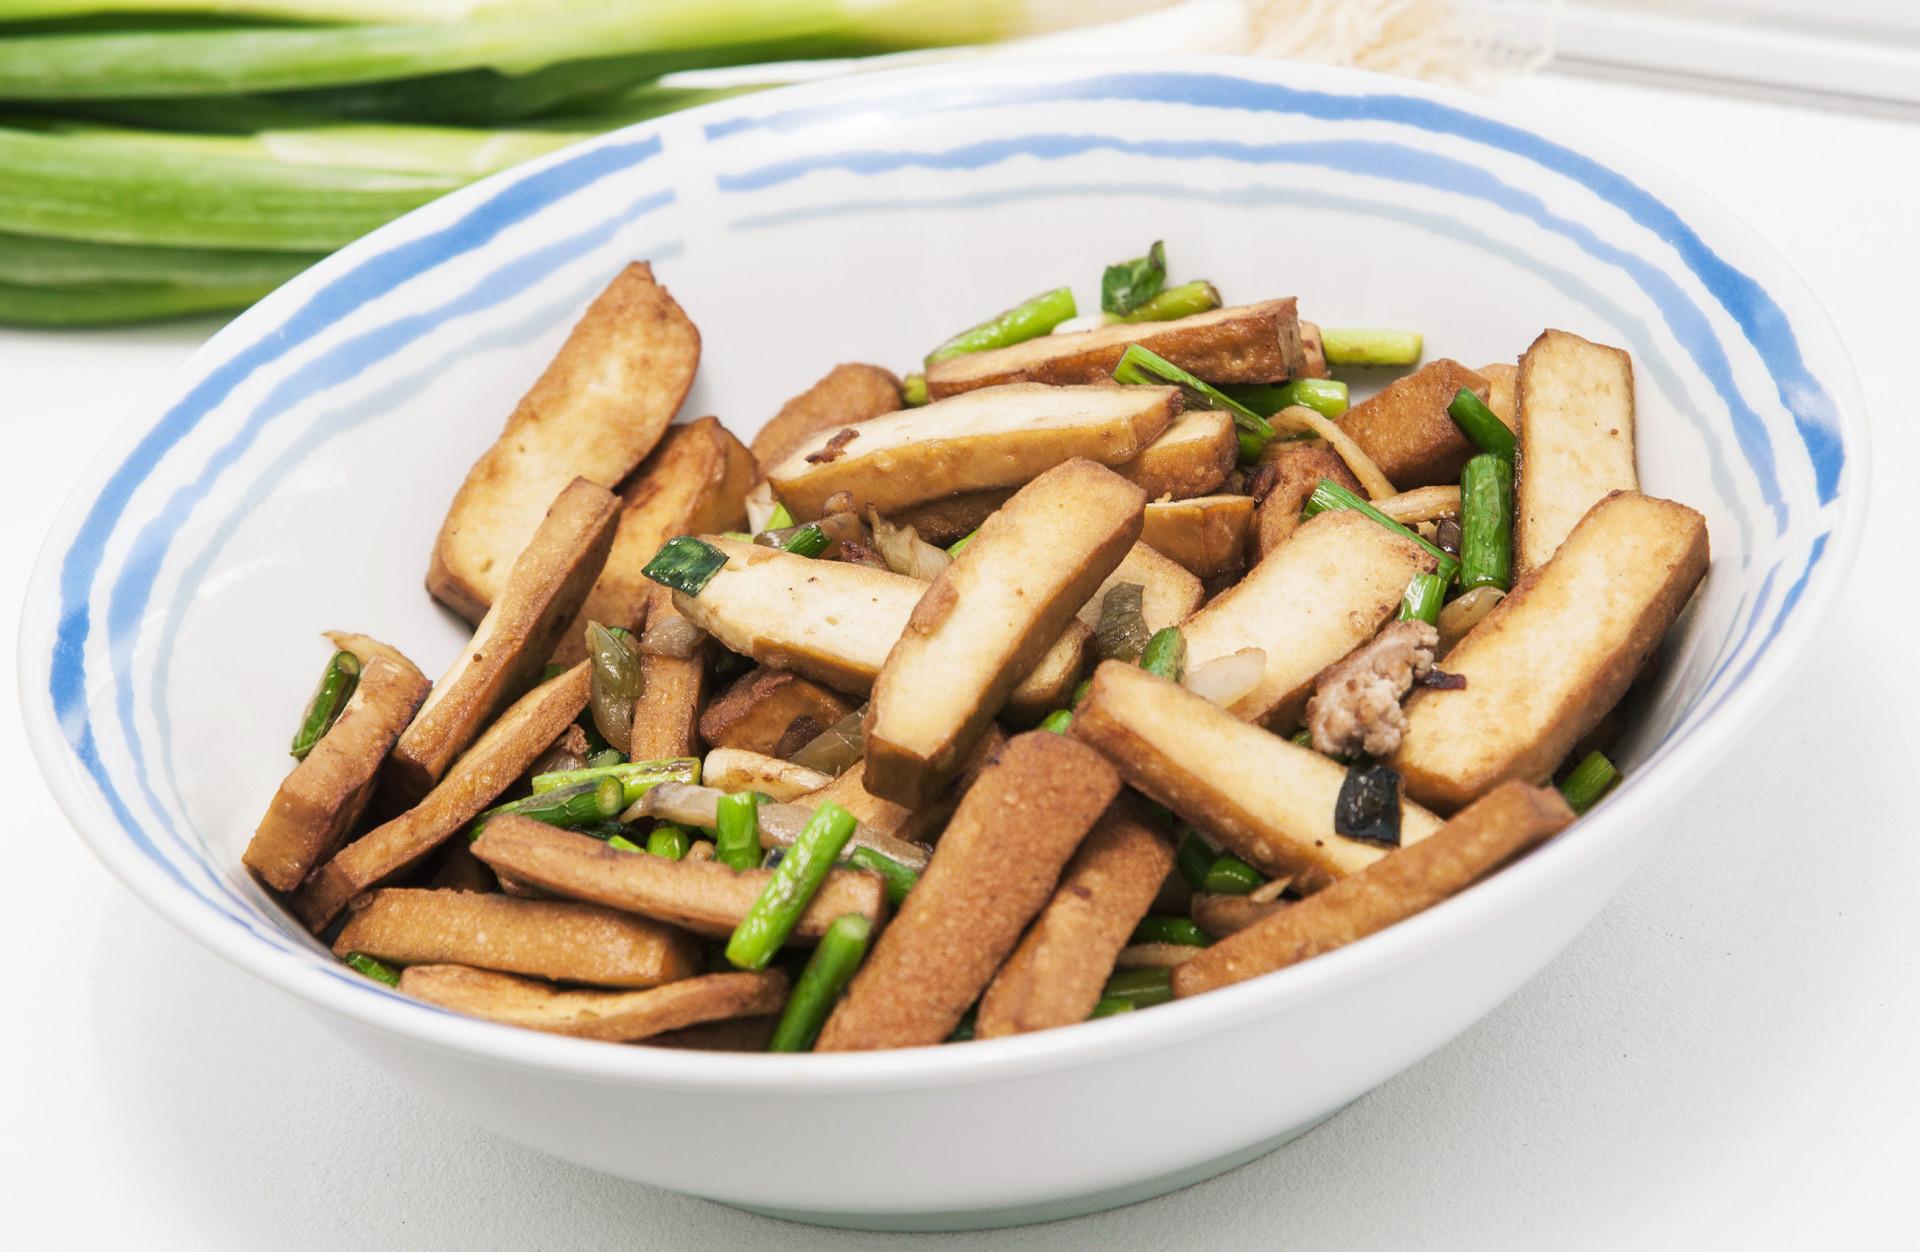 Deliciosas alternativas vegan para fugir aos ingredientes populares